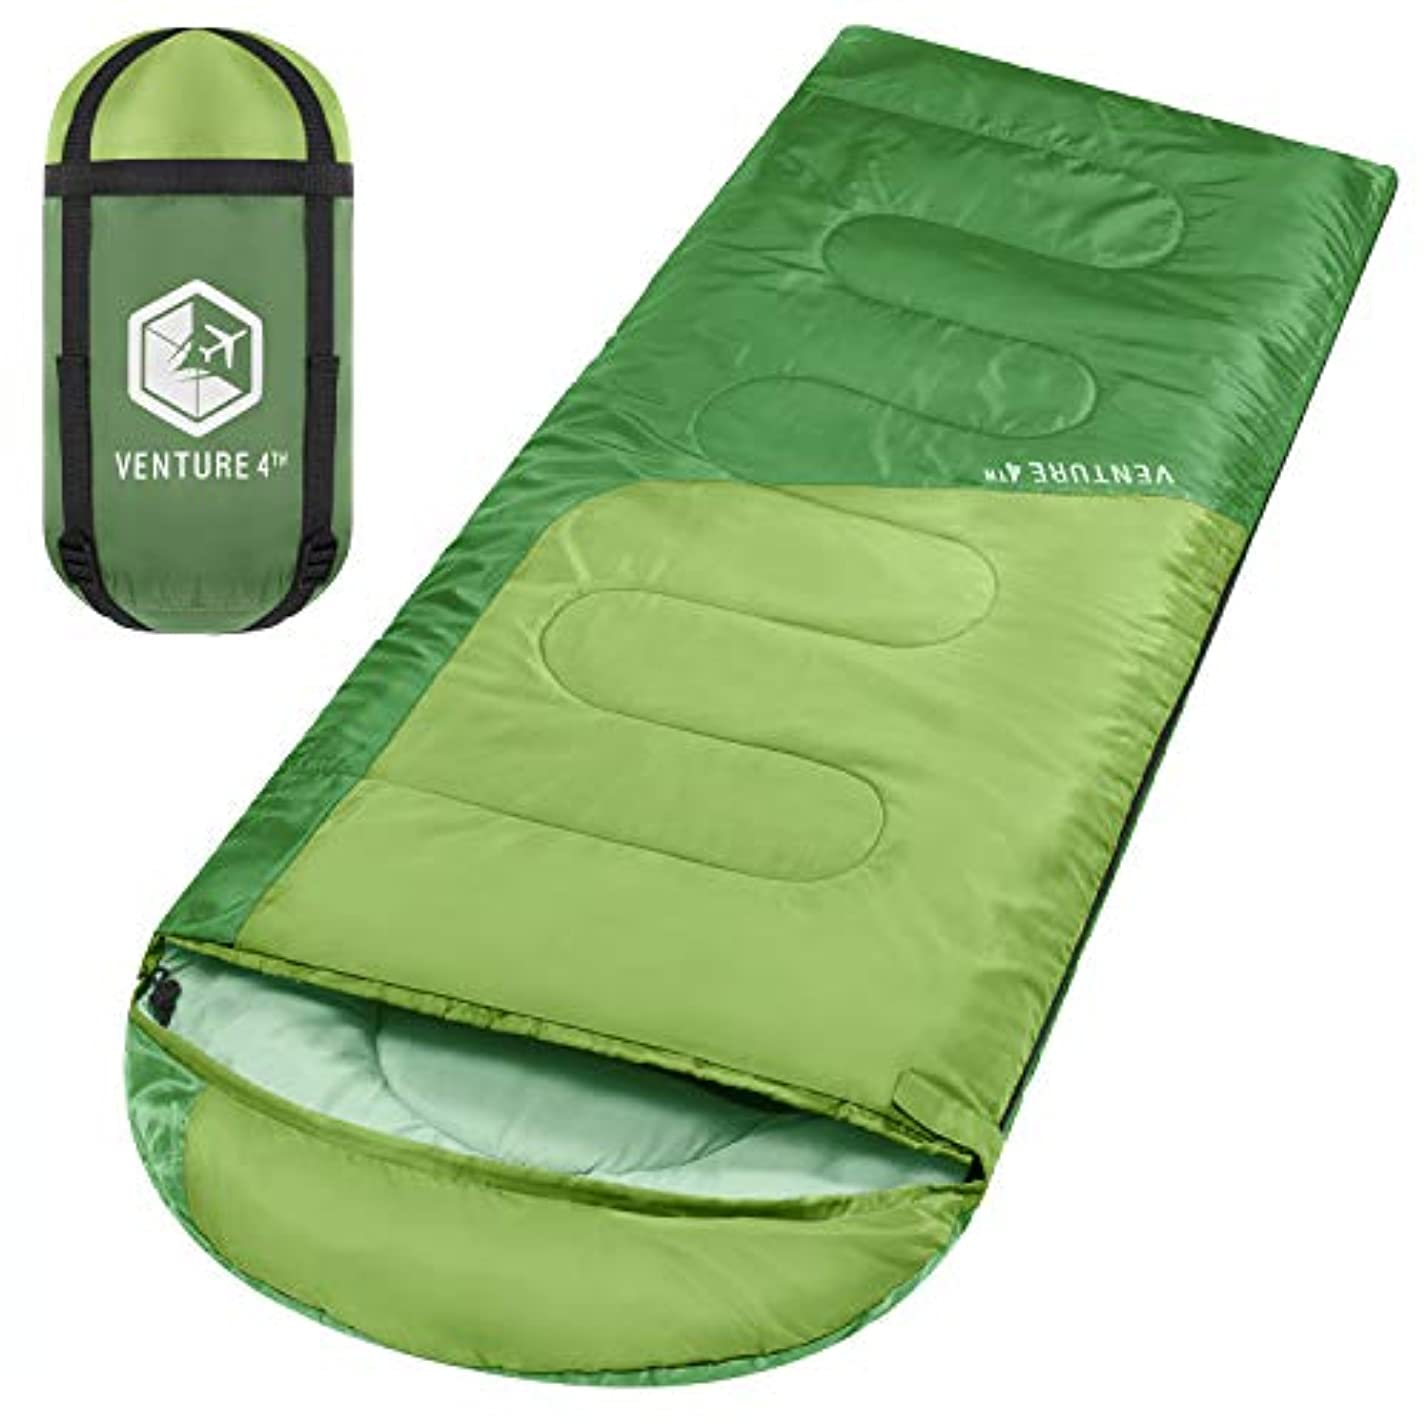 チャンスお気に入り遡るVENTURE 4TH バックパッキング寝袋 - 軽量、快適、防水、3シーズン - ハイキング、キャンプ、アウトドアアドベンチャー (大人&子供)